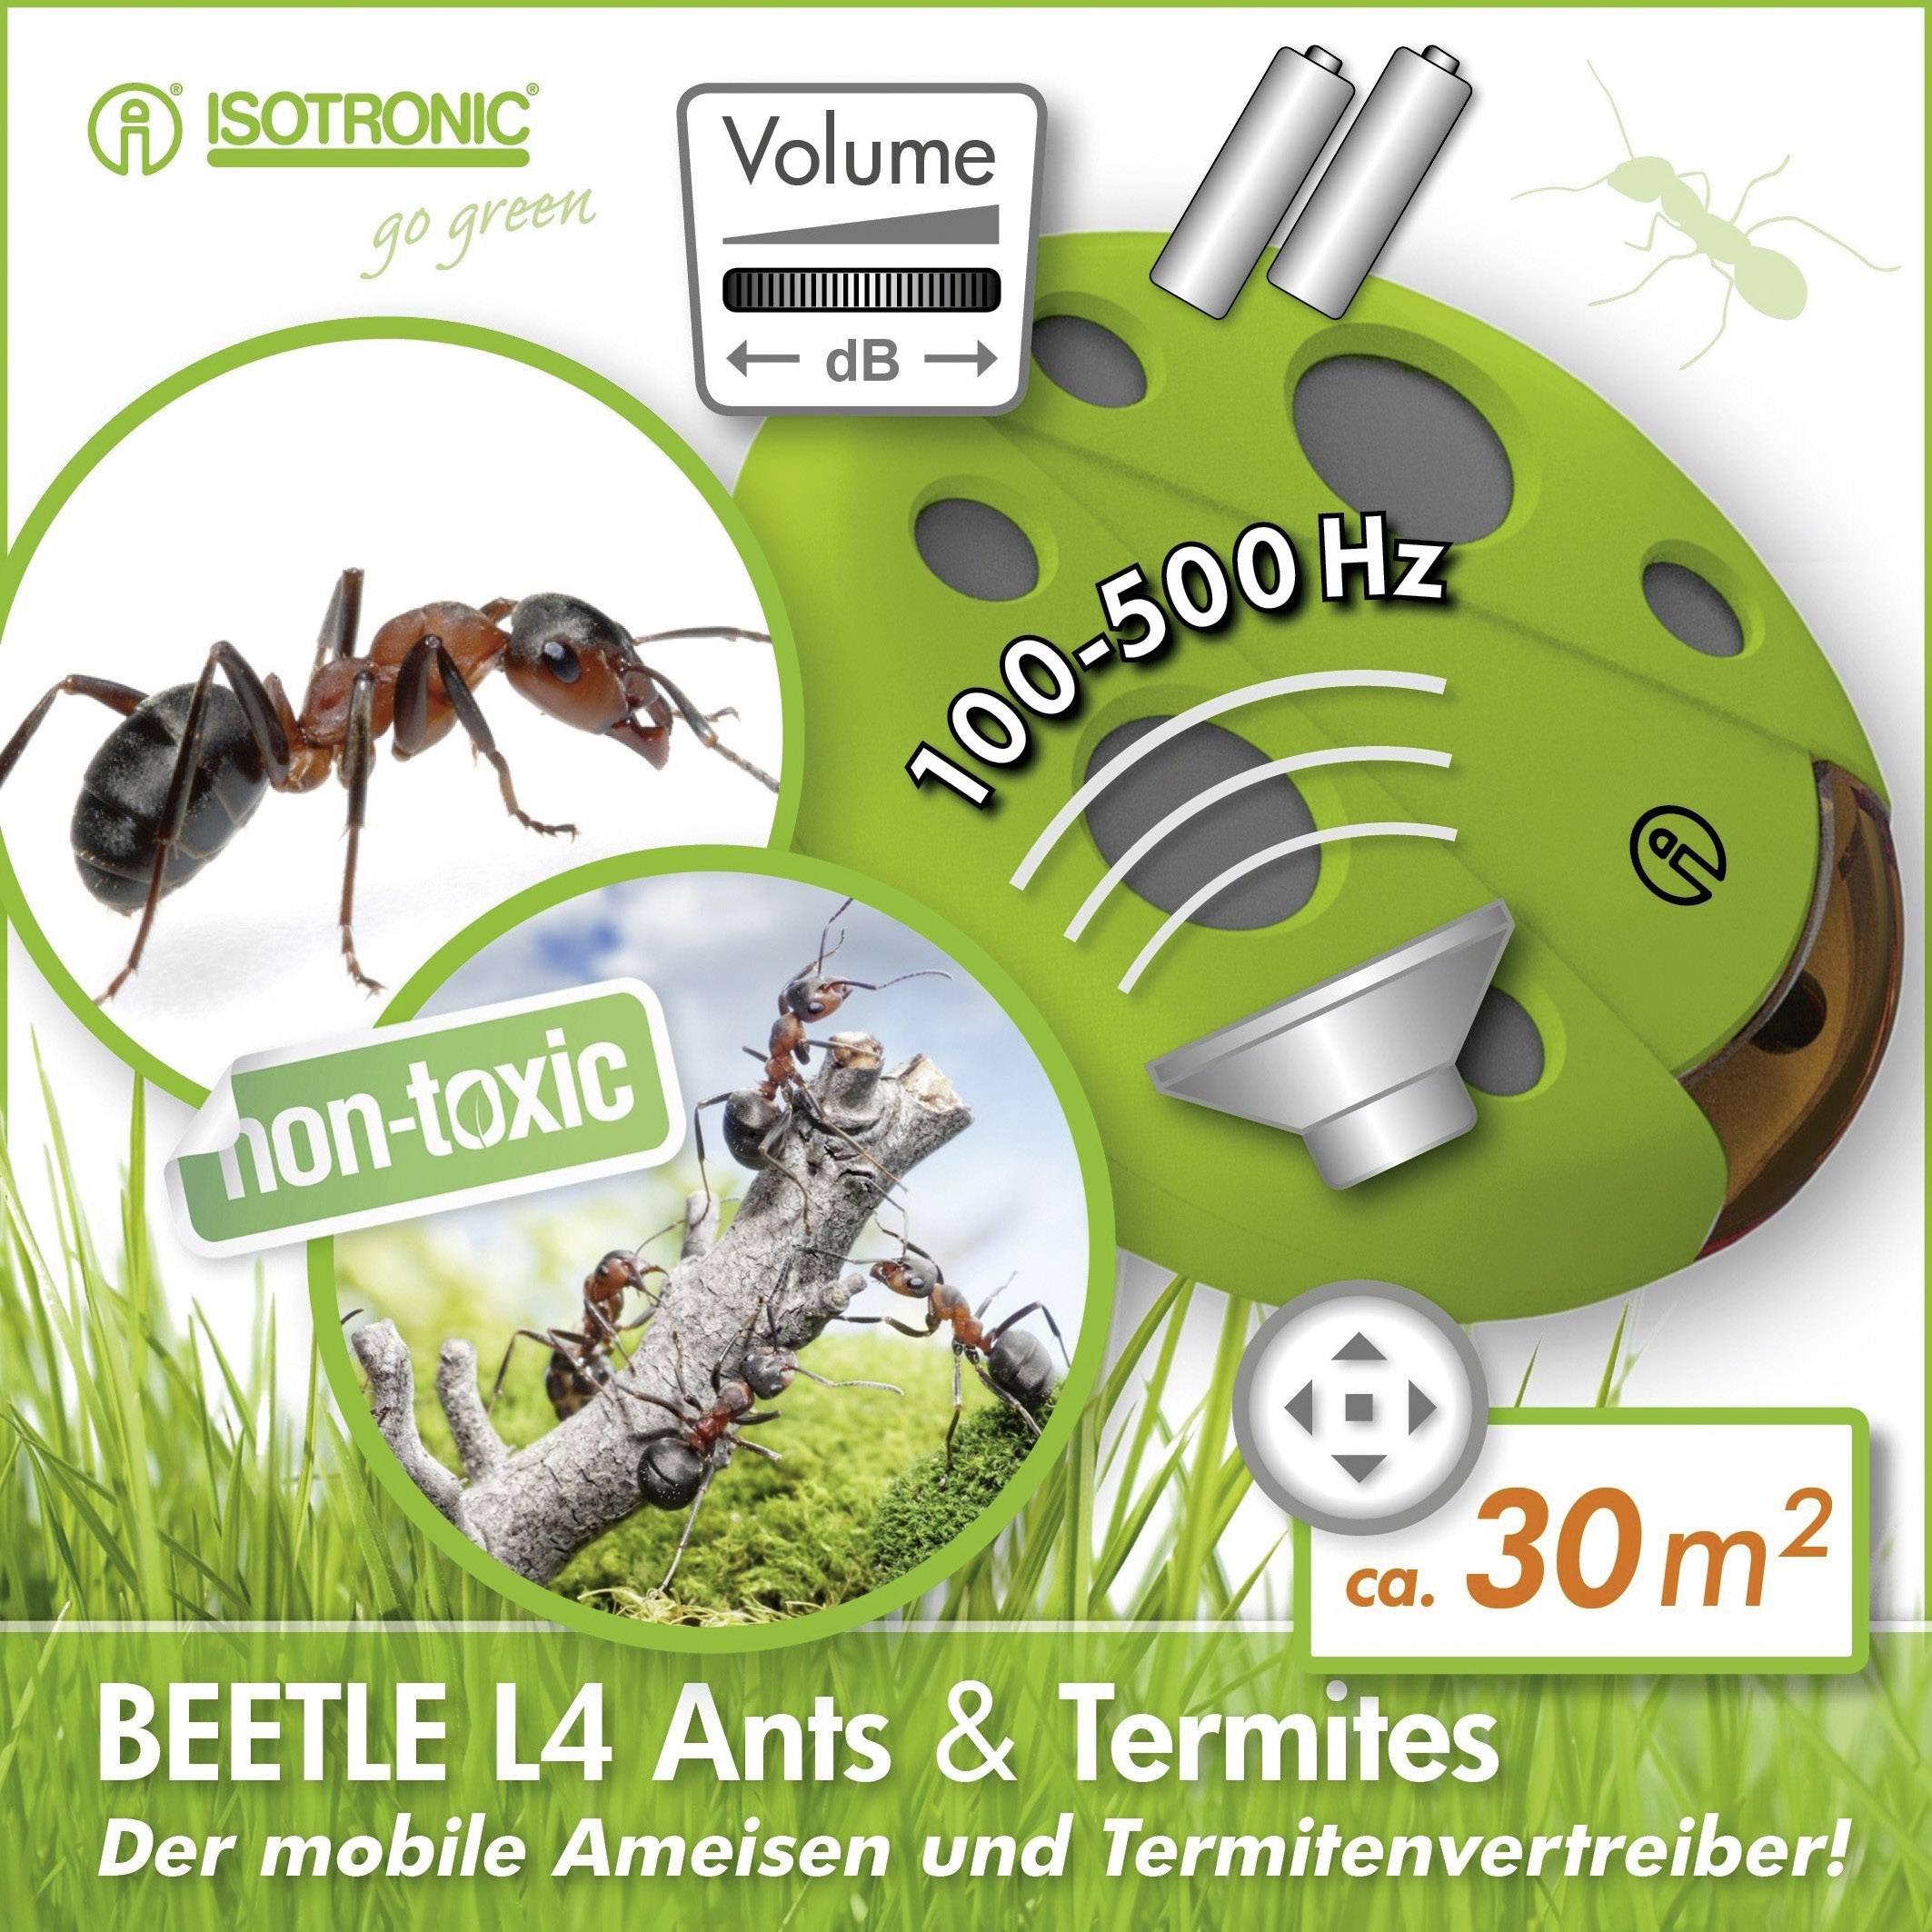 Mobilný odpudzovač mravcov Isotronic Beetle L4, 70515